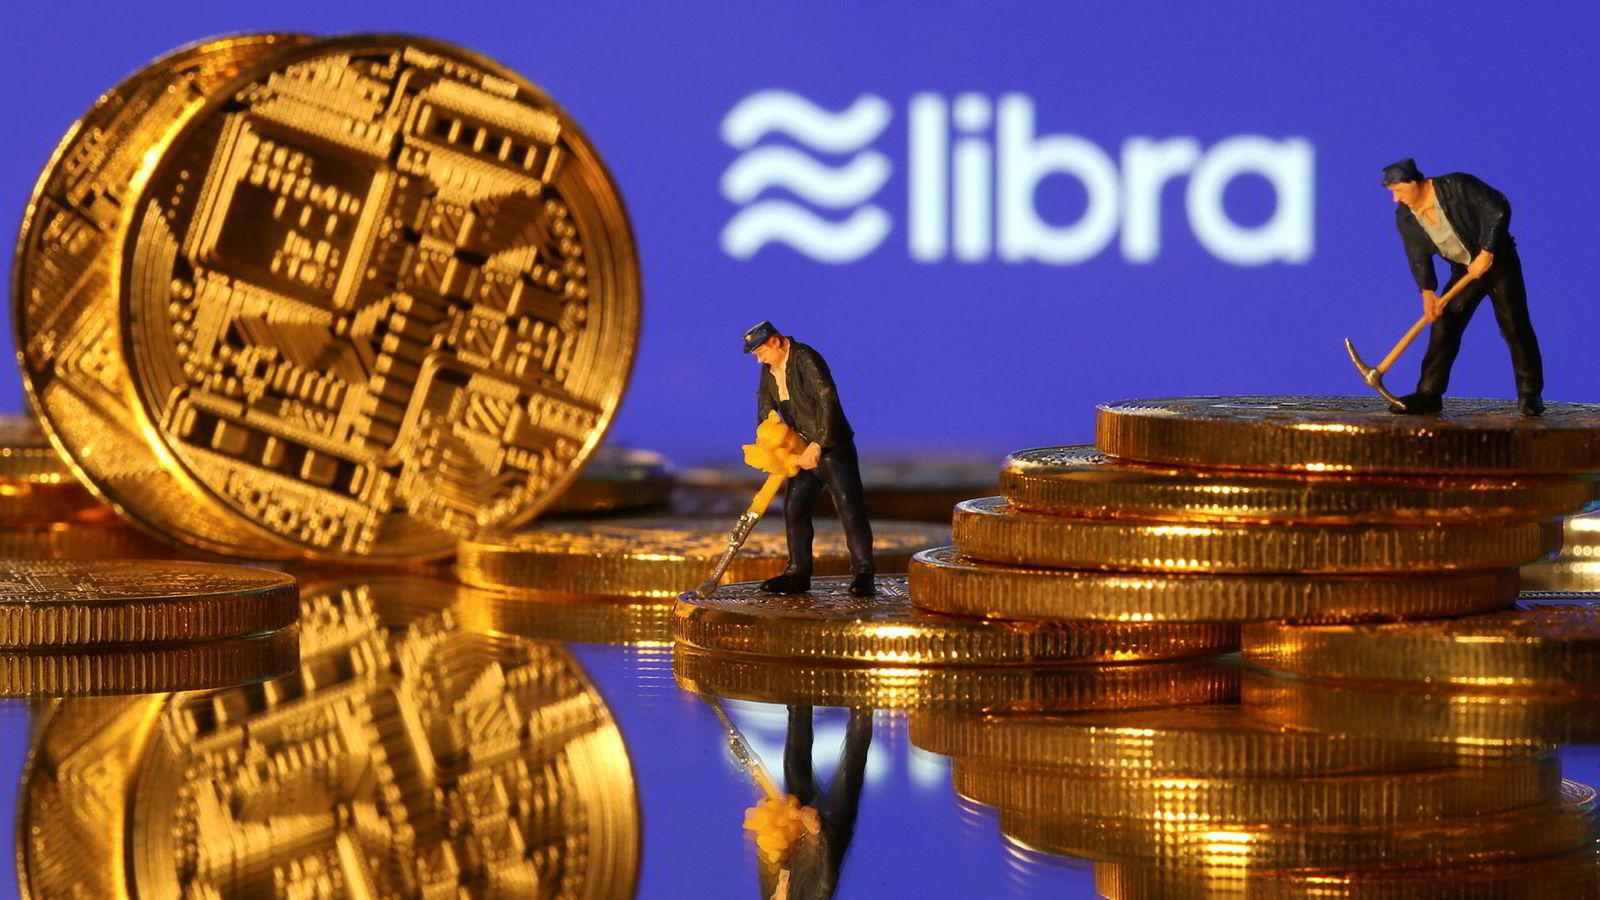 Der eksisterende kryptovalutaer har et spekulativt element, har Facebook som mål at prisen på Libra skal ligge fast. På mange måter fremstår satsingen som en videreføring av eksisterende forretningsmodell som er å skaffe informasjon om sine kunder billig og selge den videre, skriver artikkelforfatteren.